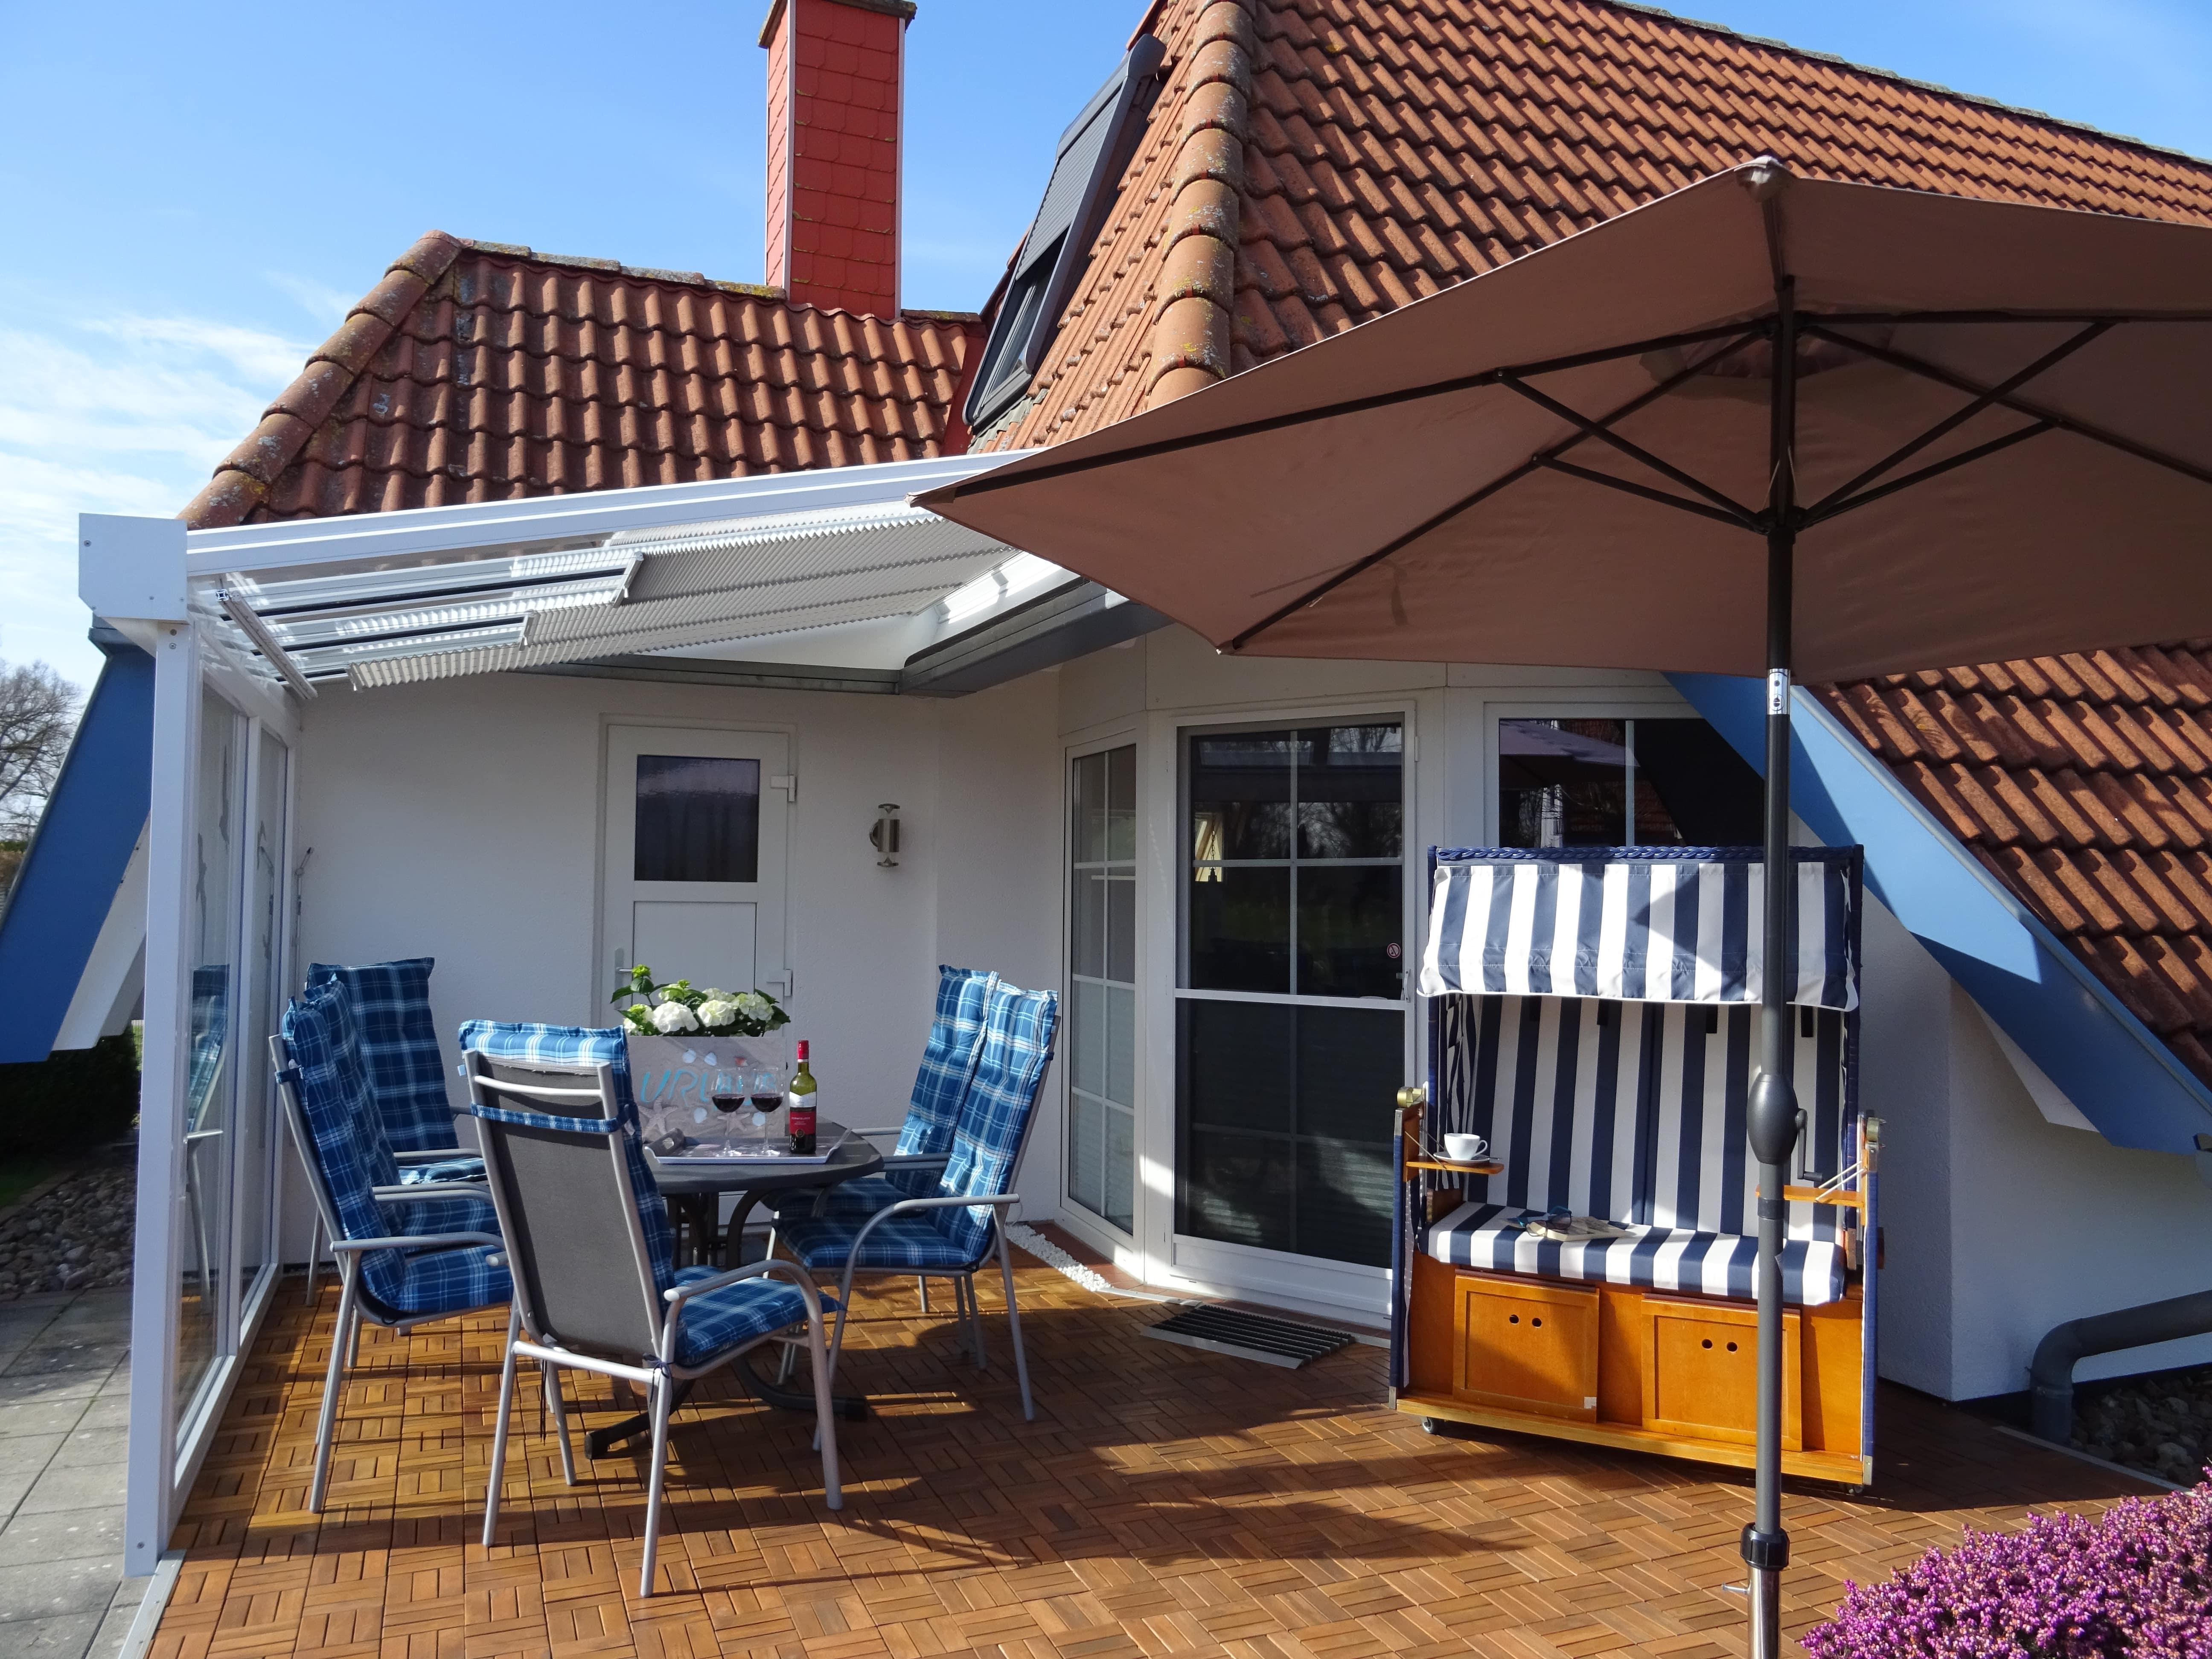 Die Terrasse mit Strandkorb und Gartengarnitur